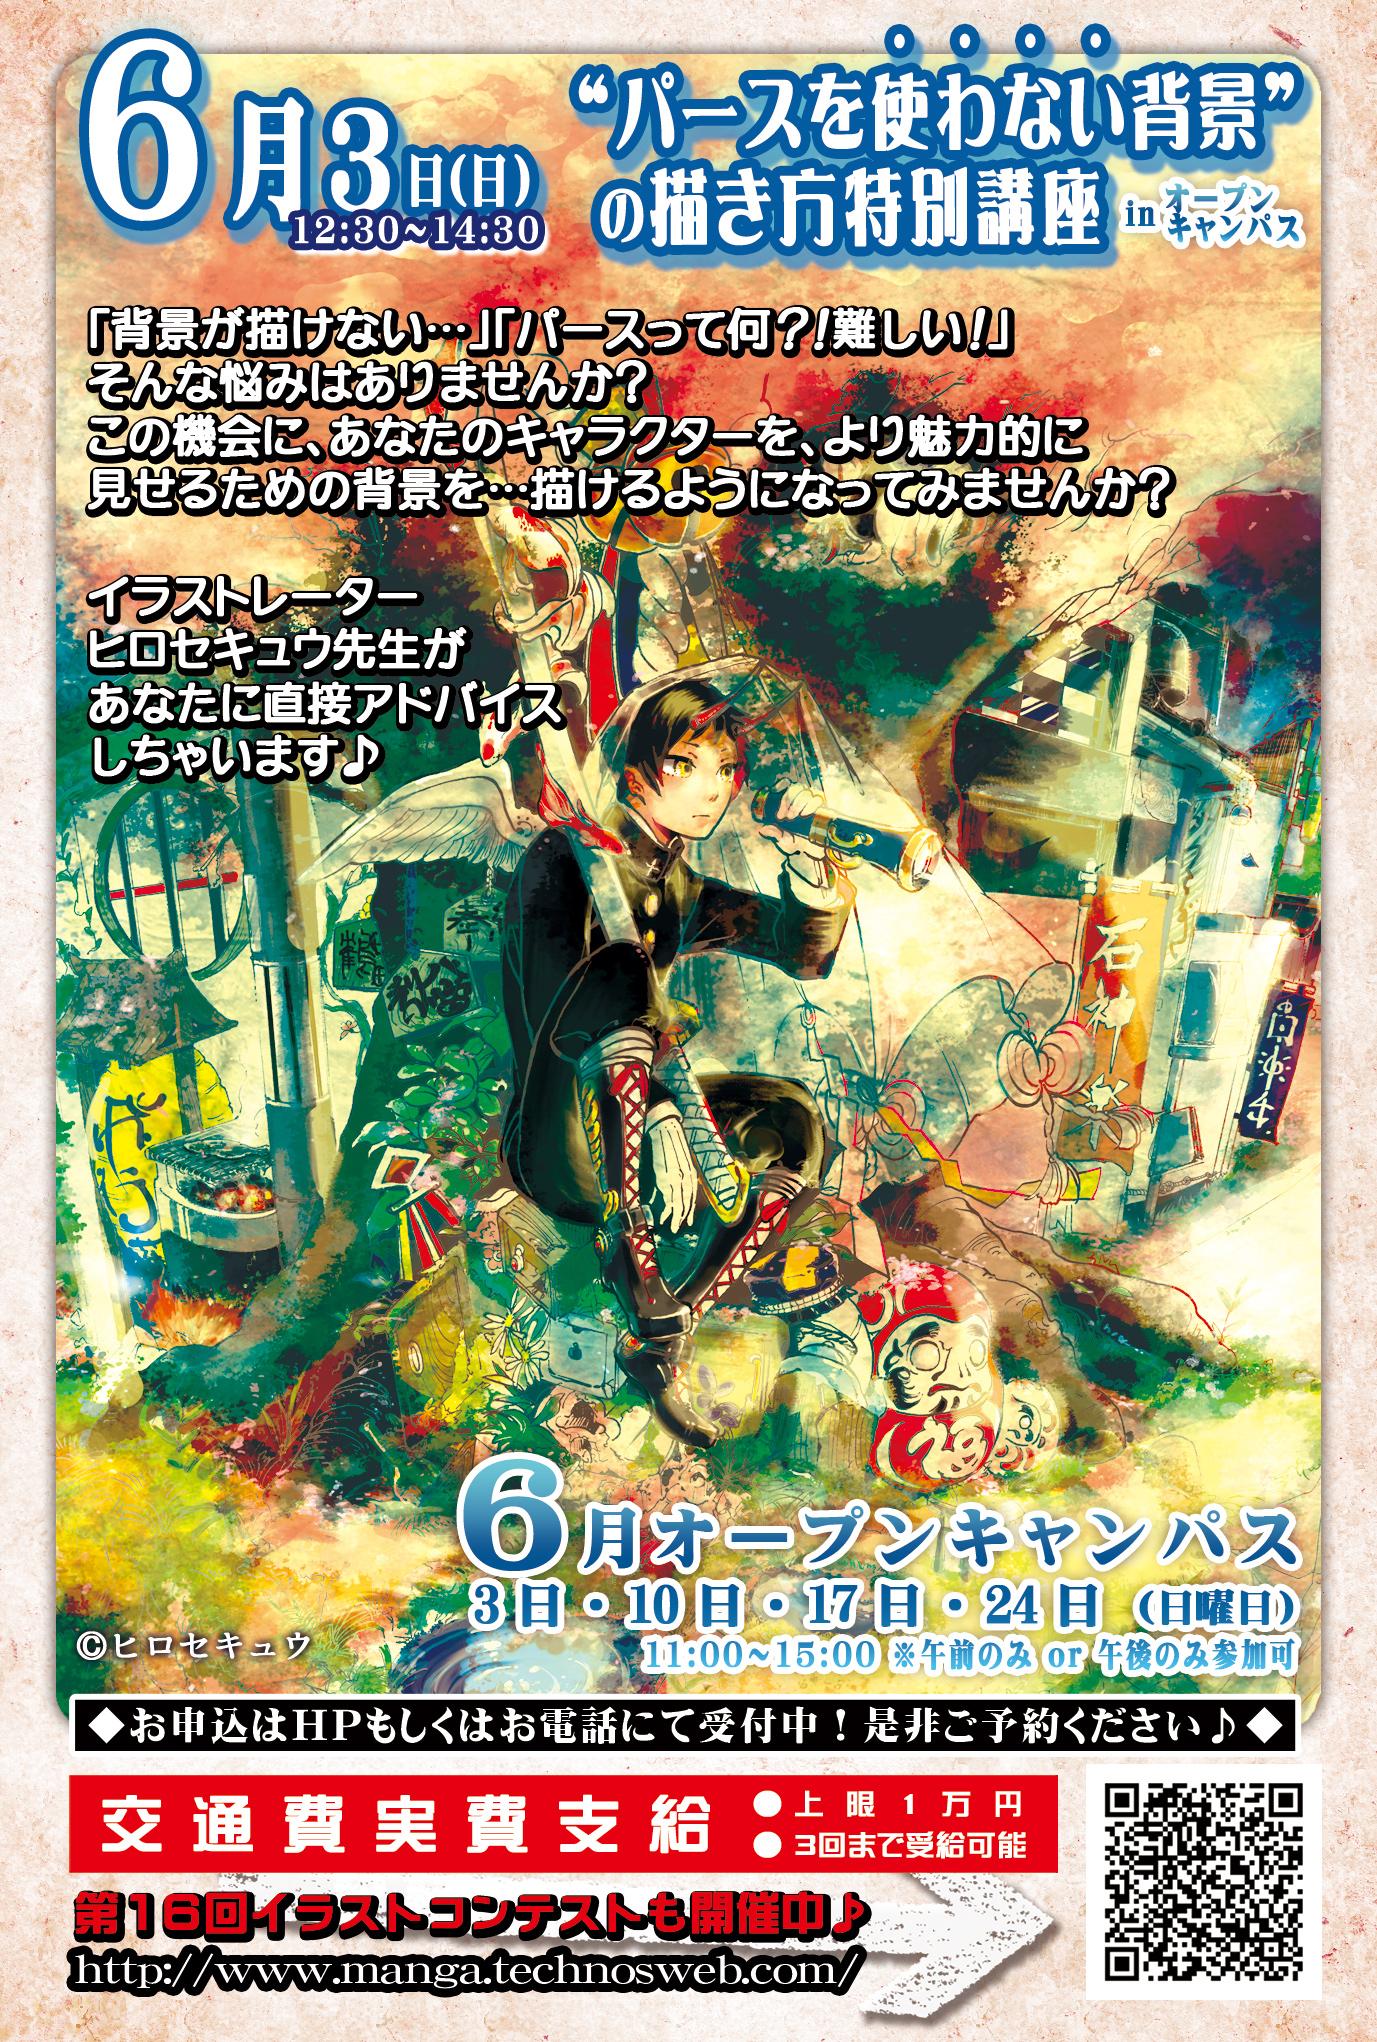 【6/3(日)12:30〜14:30】イラストレーター ヒロセキュウ先生 特別講義